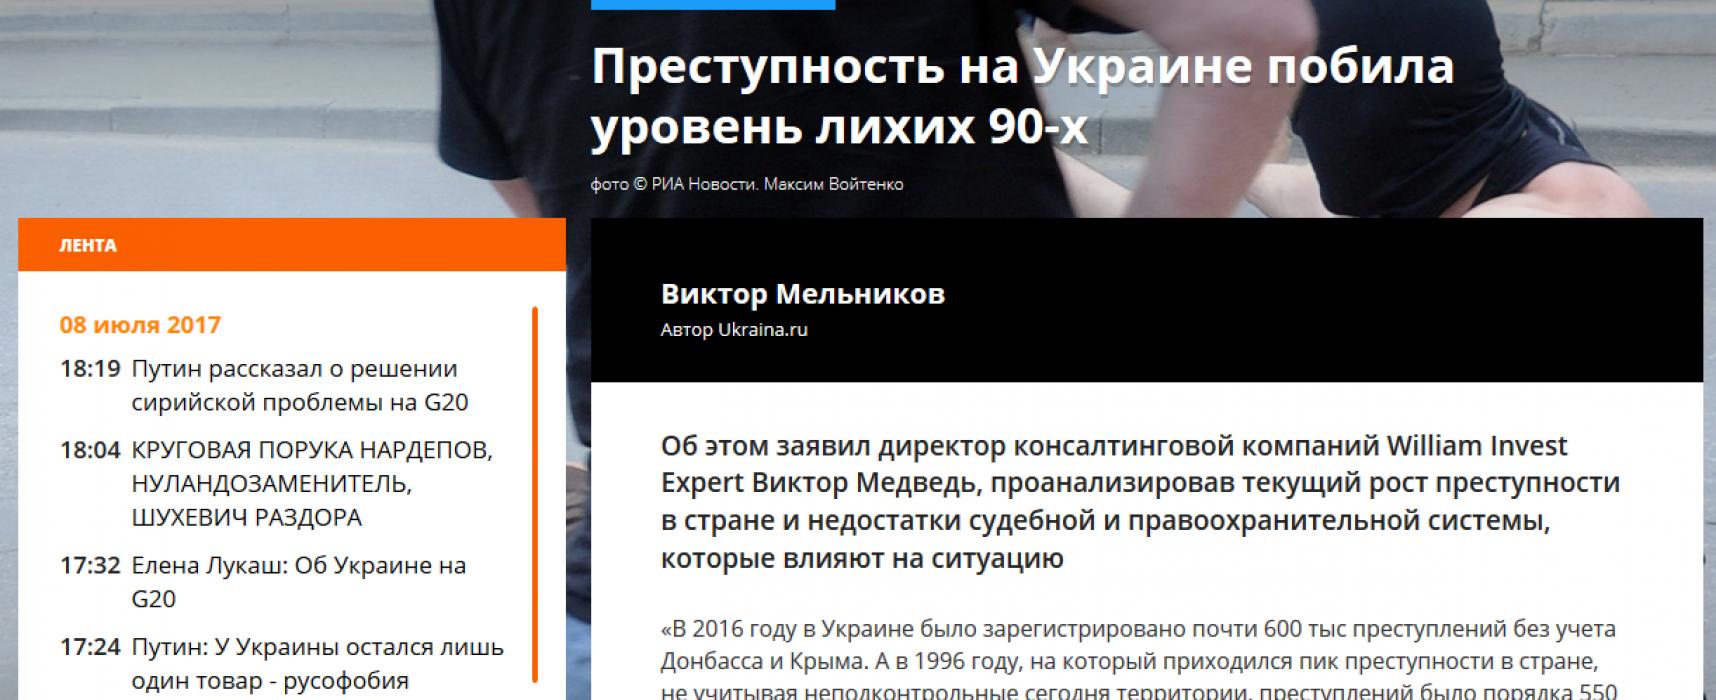 Фейк: Преступность в Украине побила уровень «лихих» 90-х